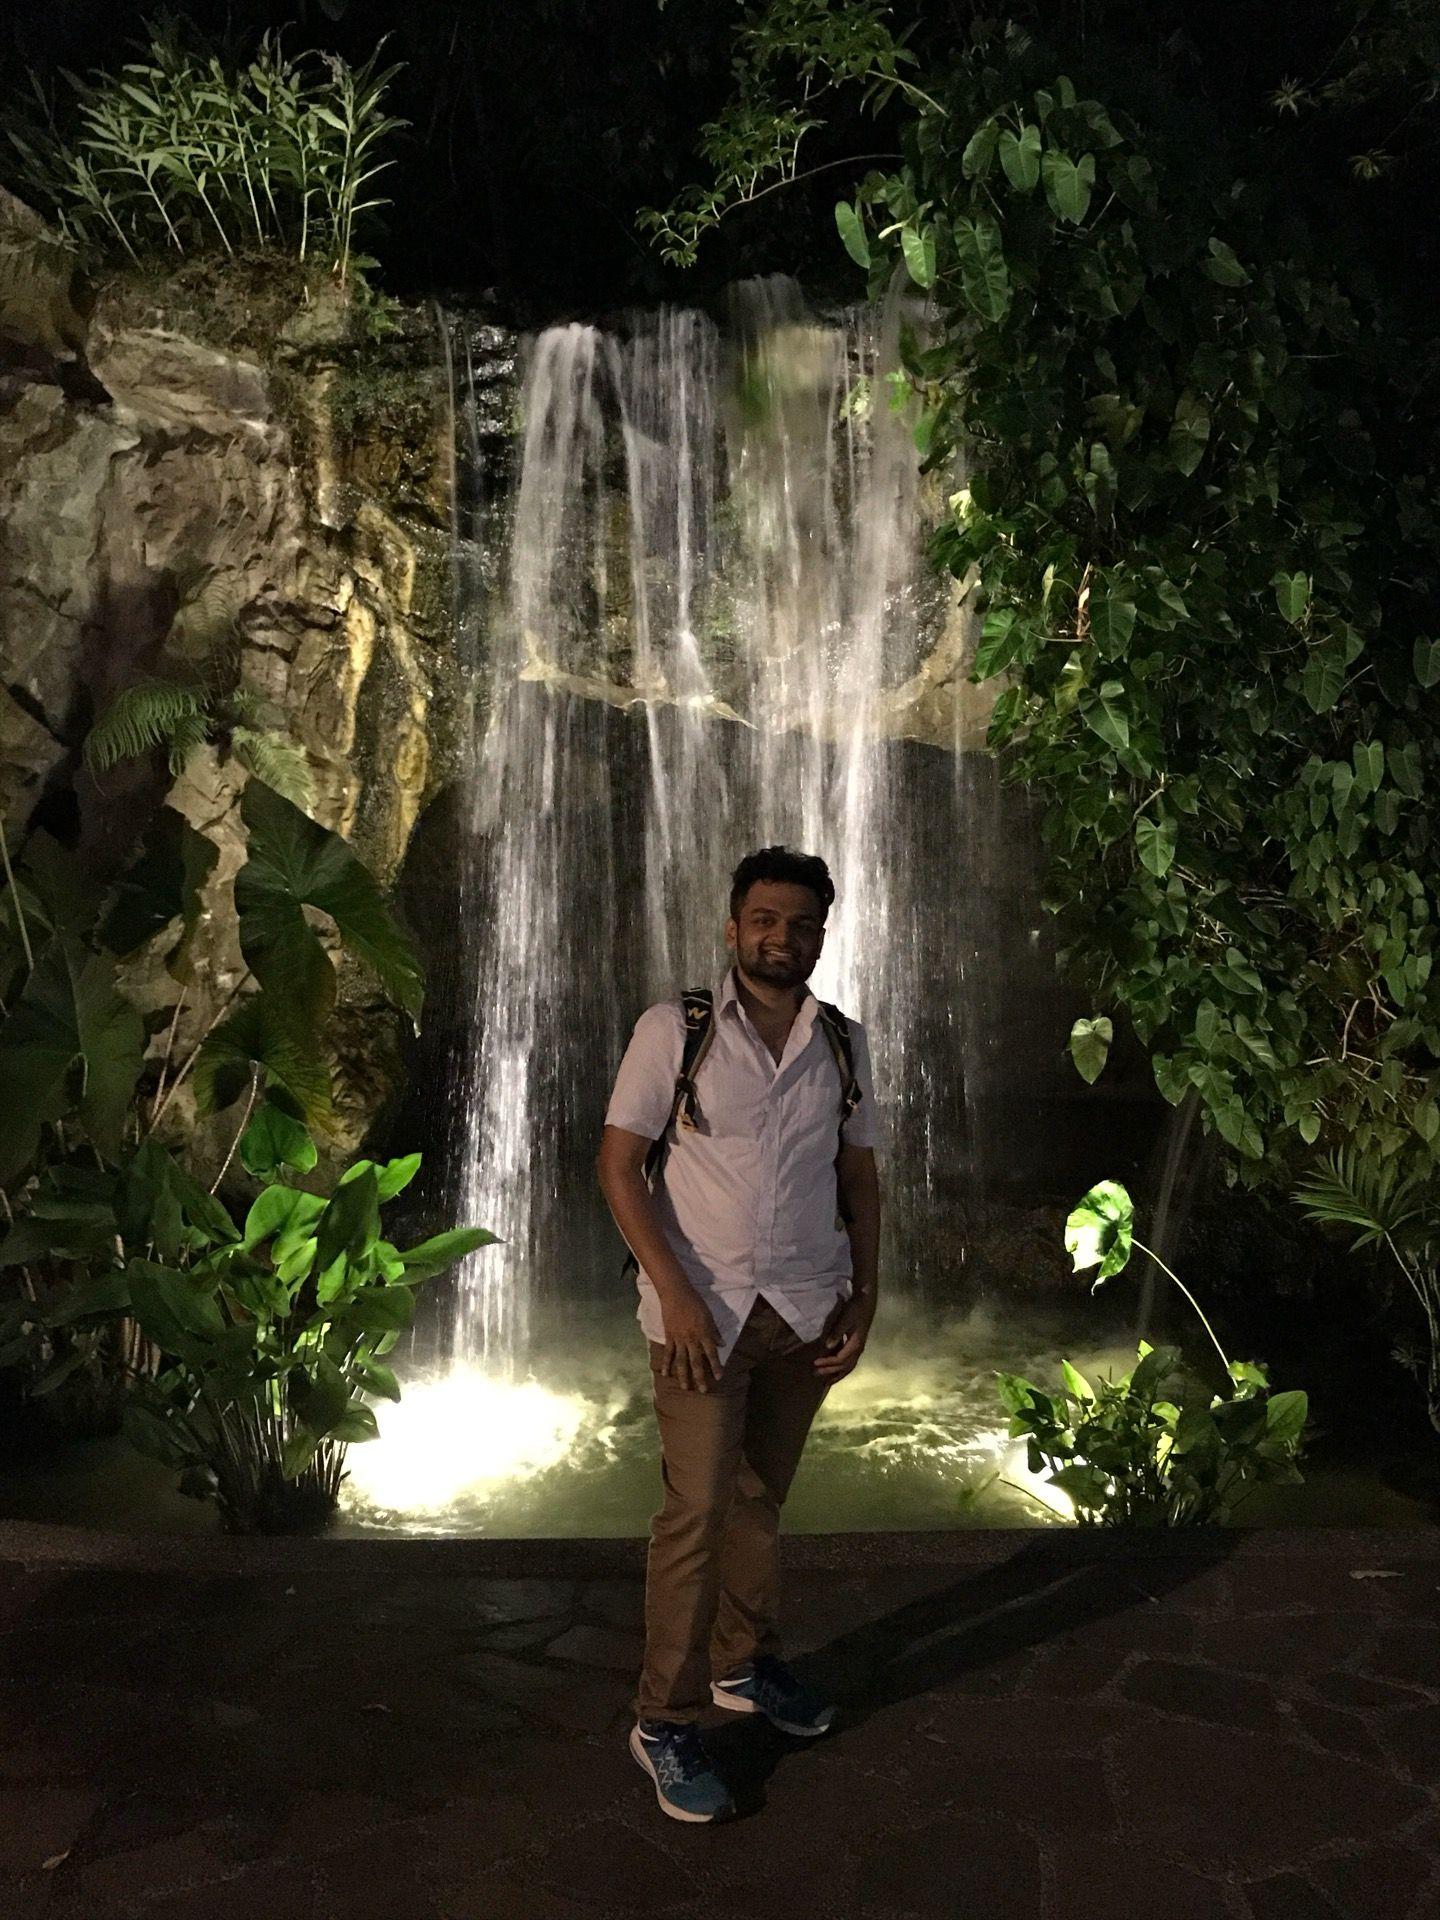 I'm at Tanglin Gate Singapore Botanic Gardens